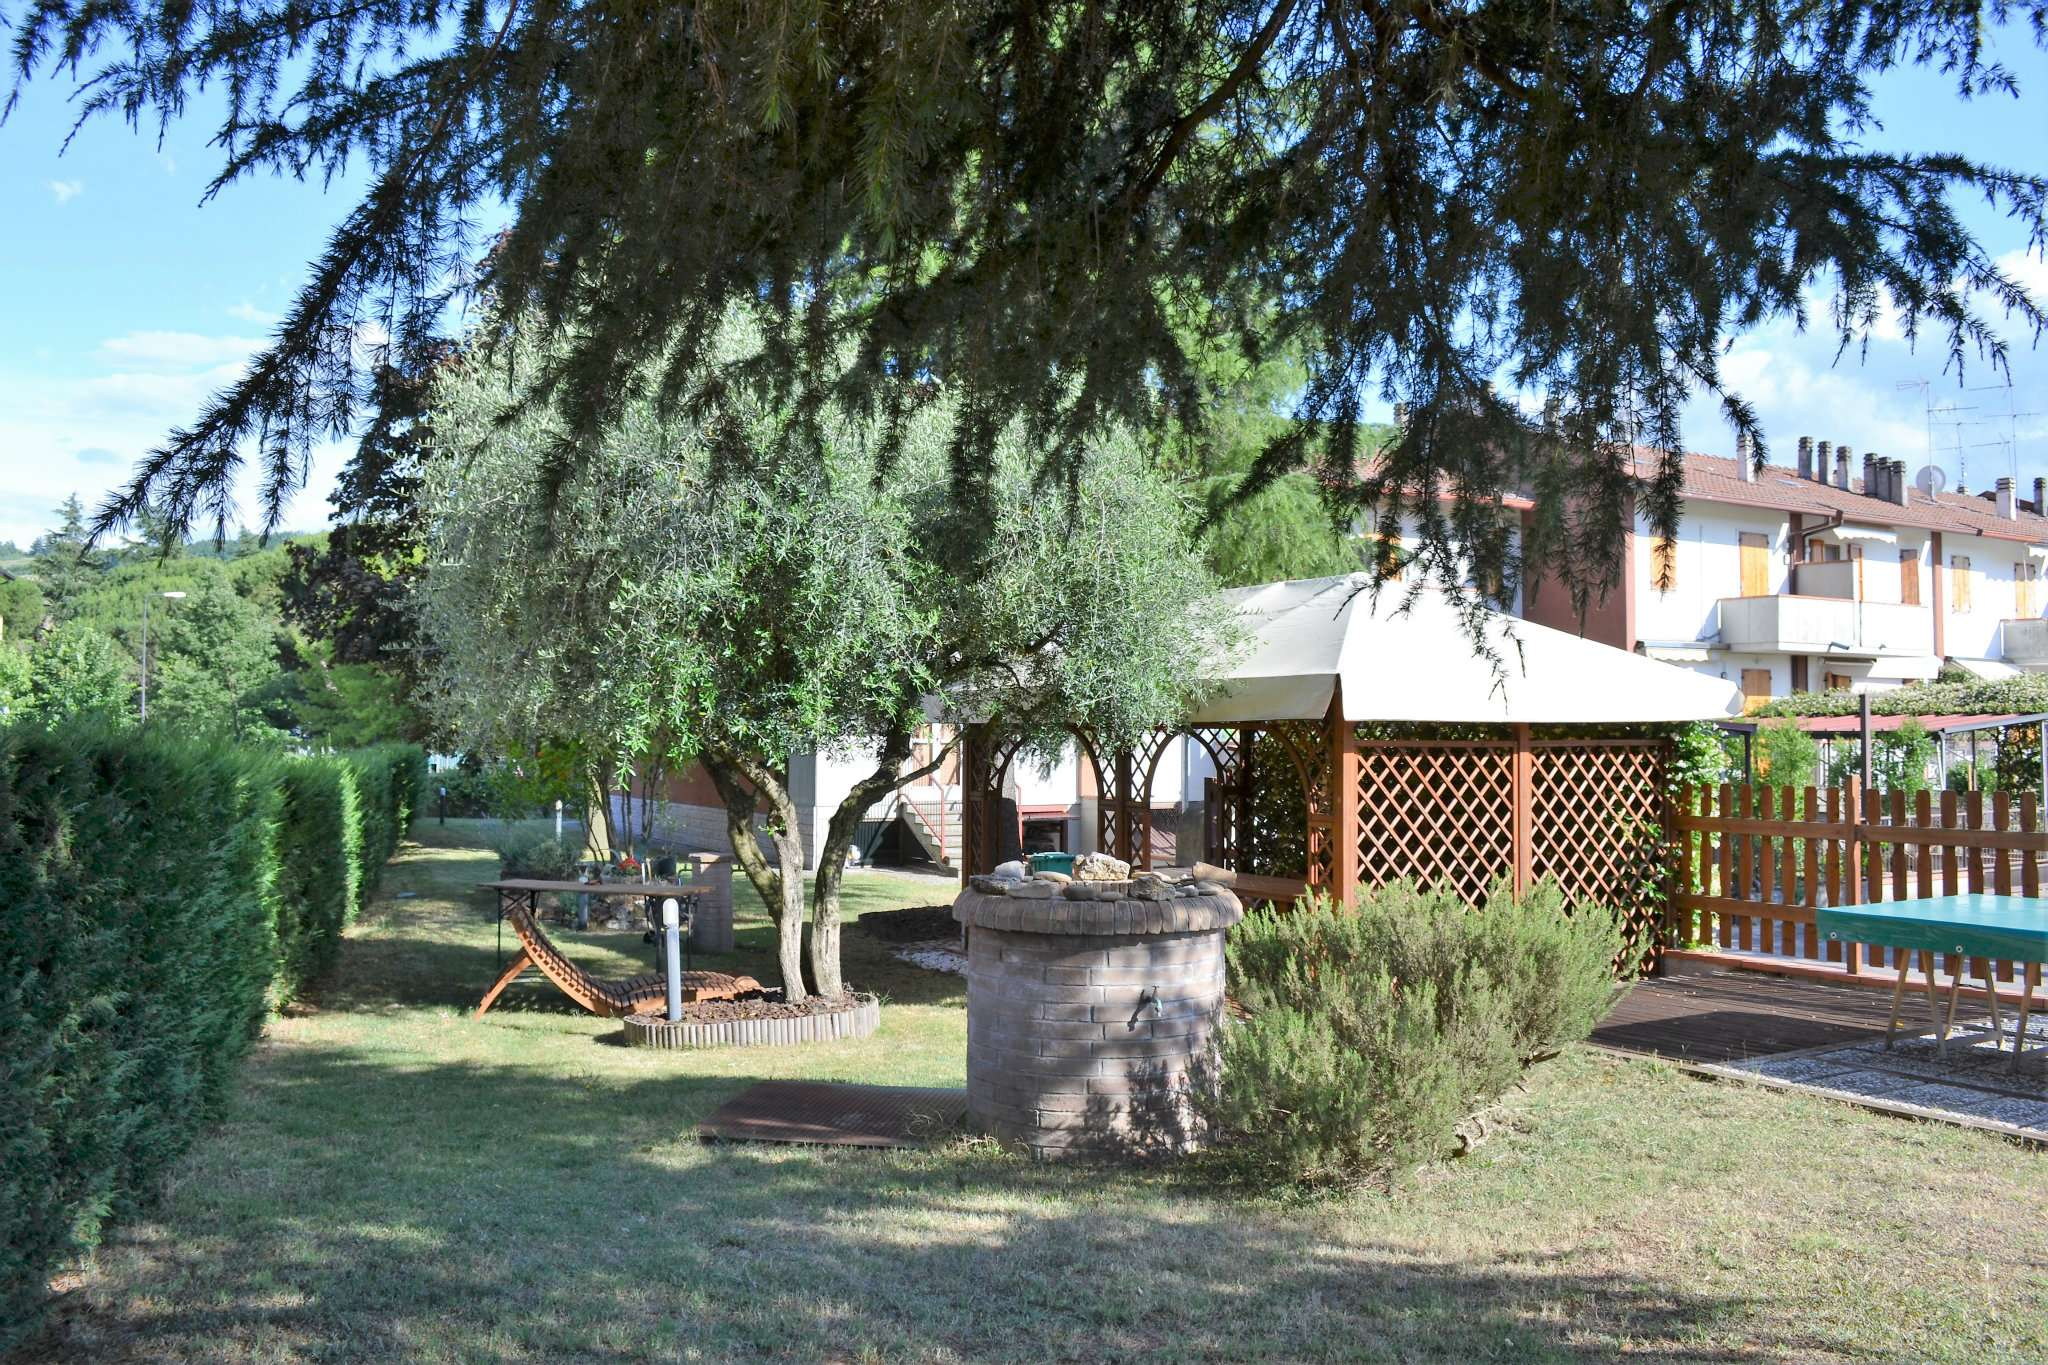 Villa in vendita a Forlì, 6 locali, prezzo € 295.000 | CambioCasa.it